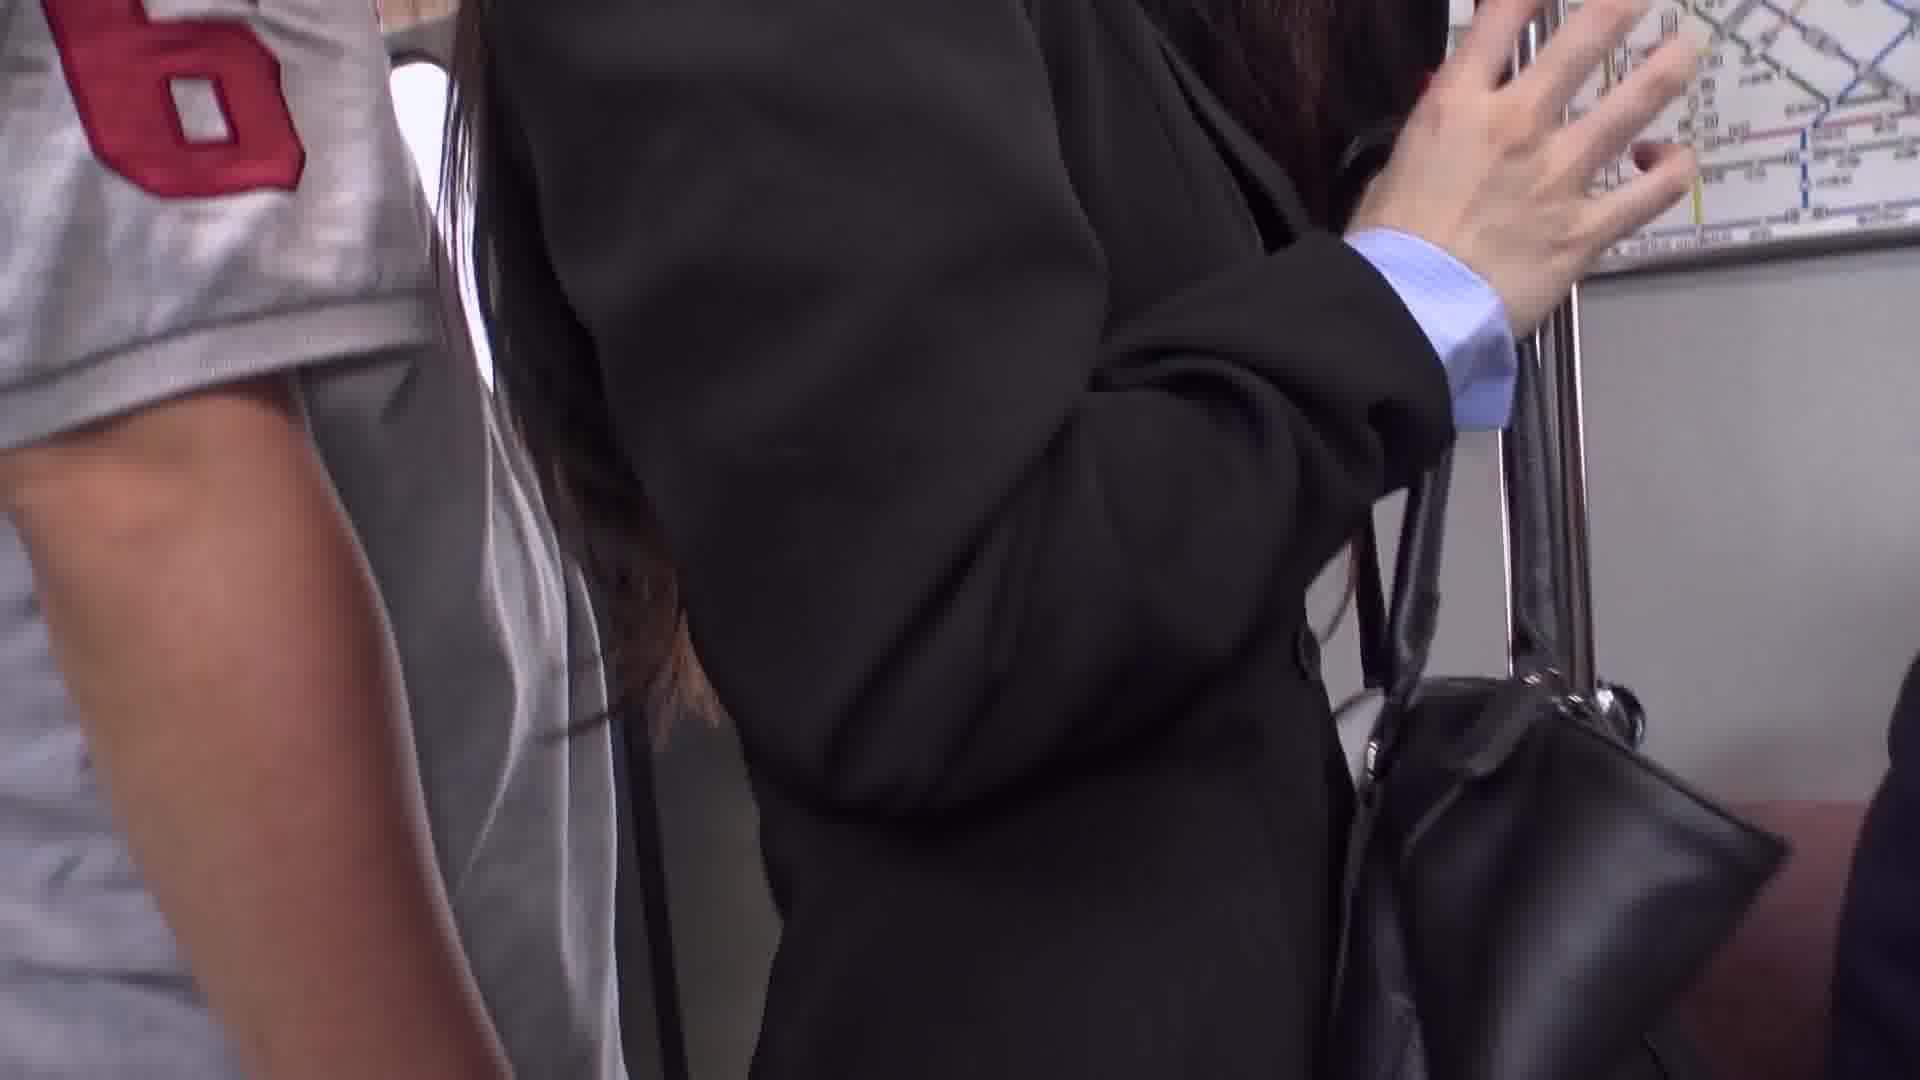 痴漢電車 ~痴漢待ちの美人OL~ - 吉岡蓮美【痴漢・OL・パイパン】